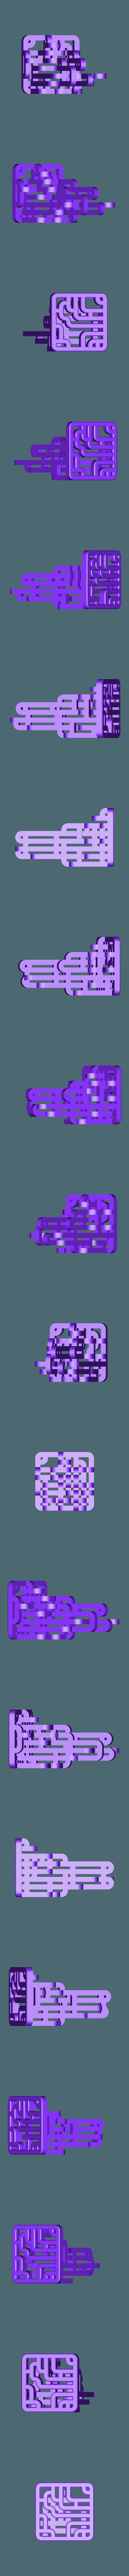 medium1.stl Télécharger fichier STL gratuit Boucles de procédure • Design imprimable en 3D, ferjerez3d